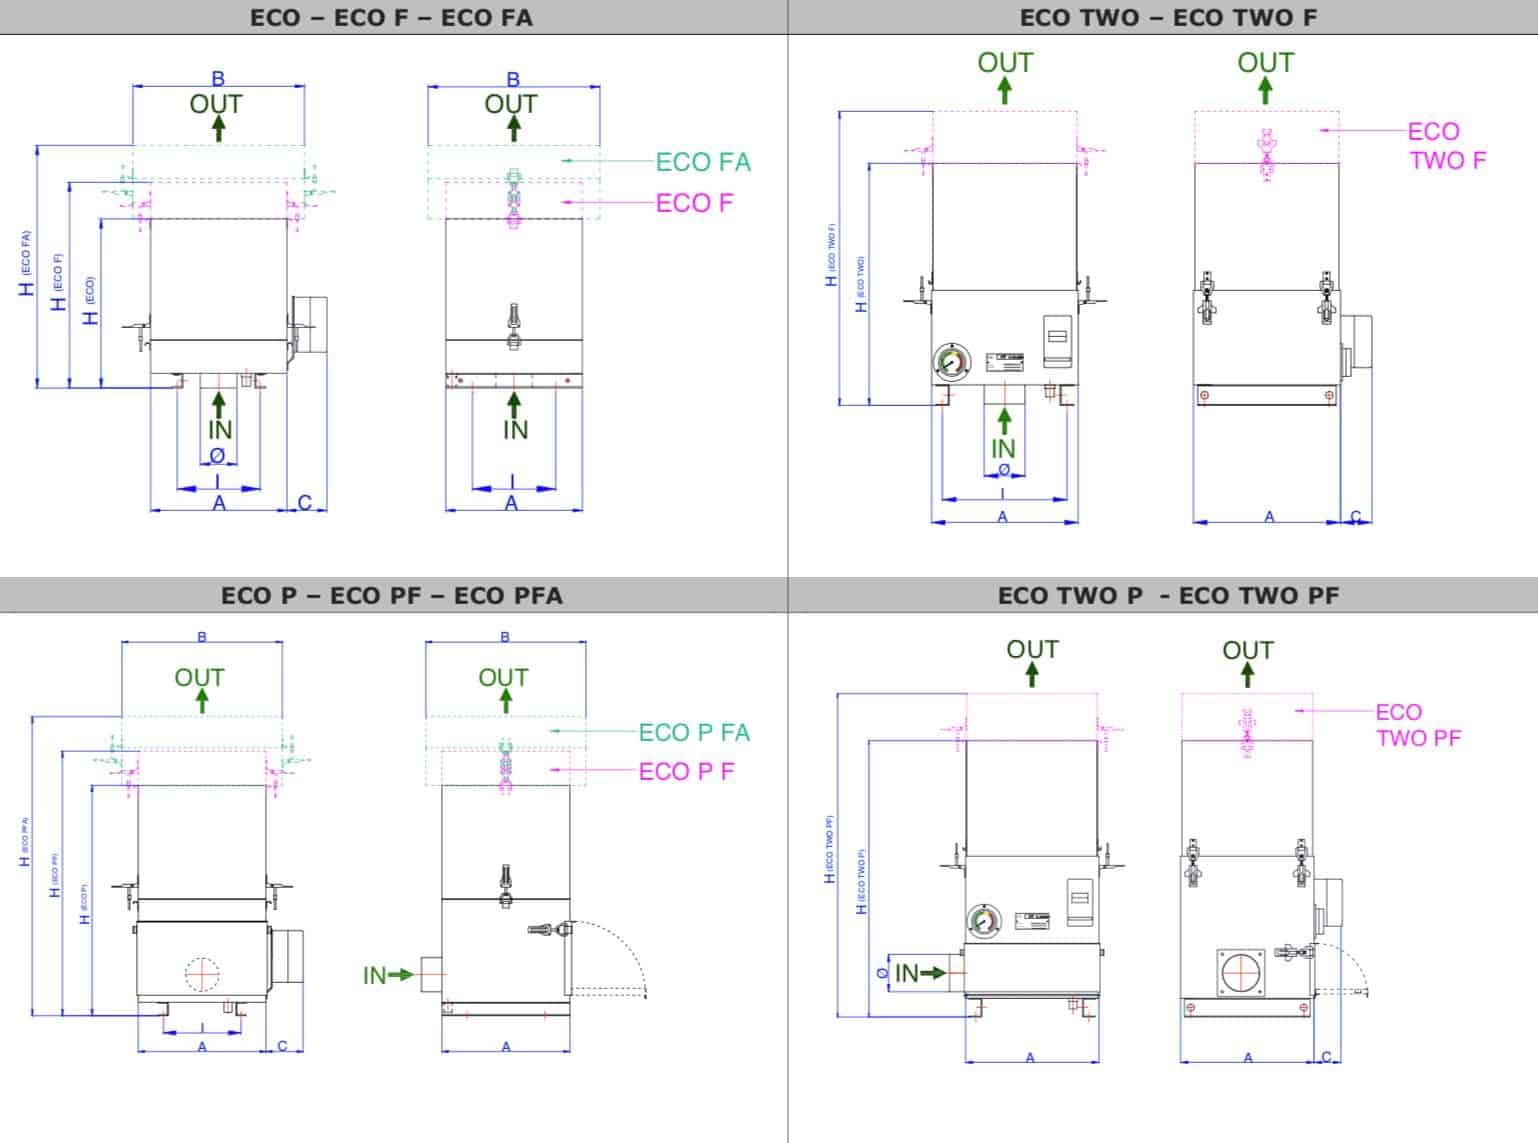 AR Filtrazioni | Dimensioni gamma ECO AR Filtrazioni